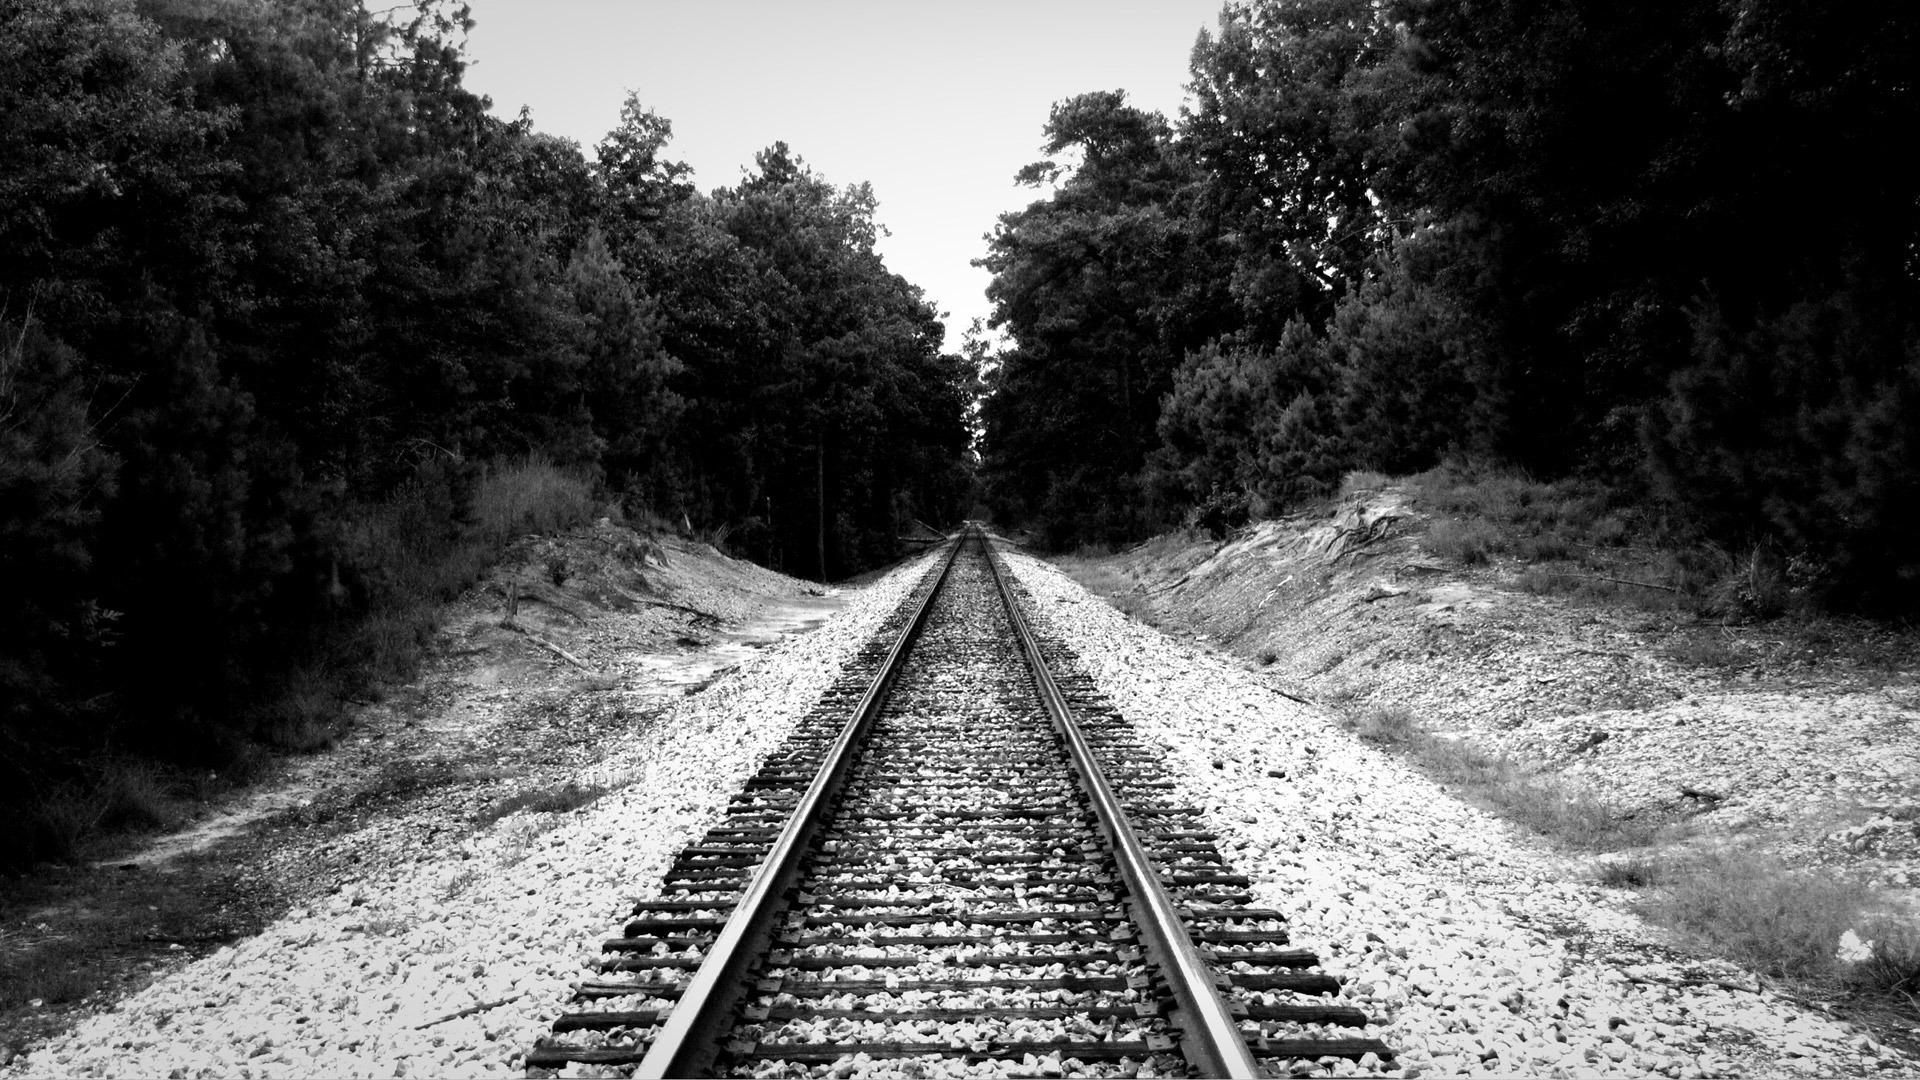 banco de imagens floresta preto e branco pista estrada de ferro ferrovia trilho trem. Black Bedroom Furniture Sets. Home Design Ideas